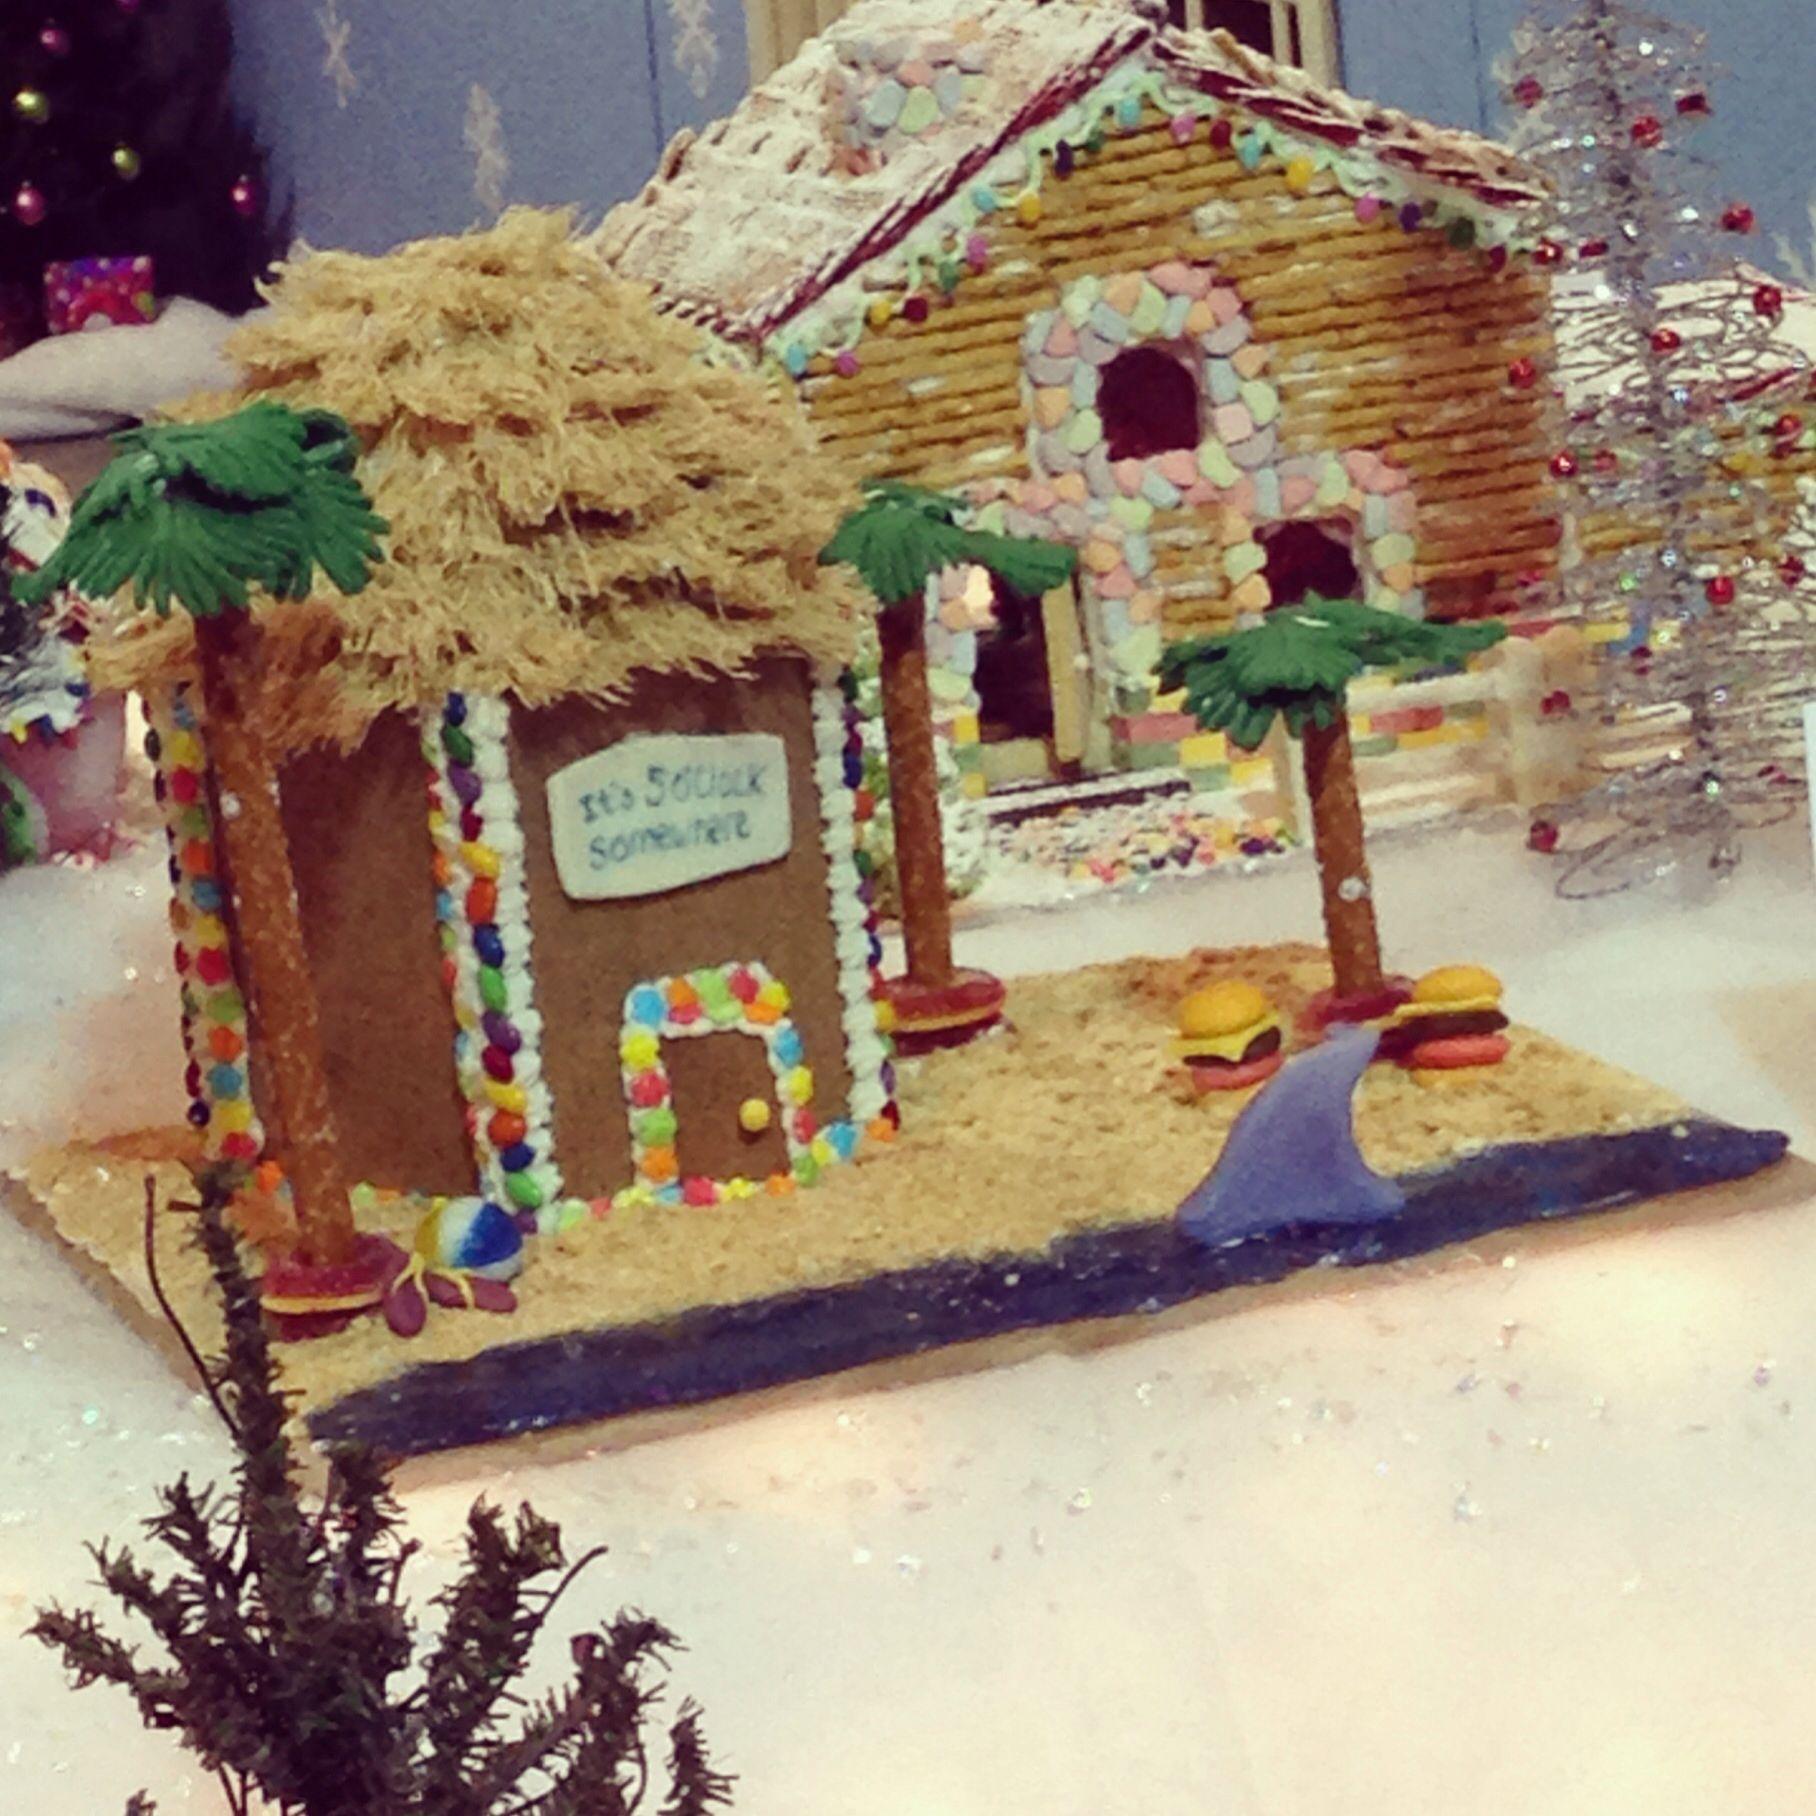 Beach Themed Gingerbread House: Jimmy Buffet Themed Gingerbread House